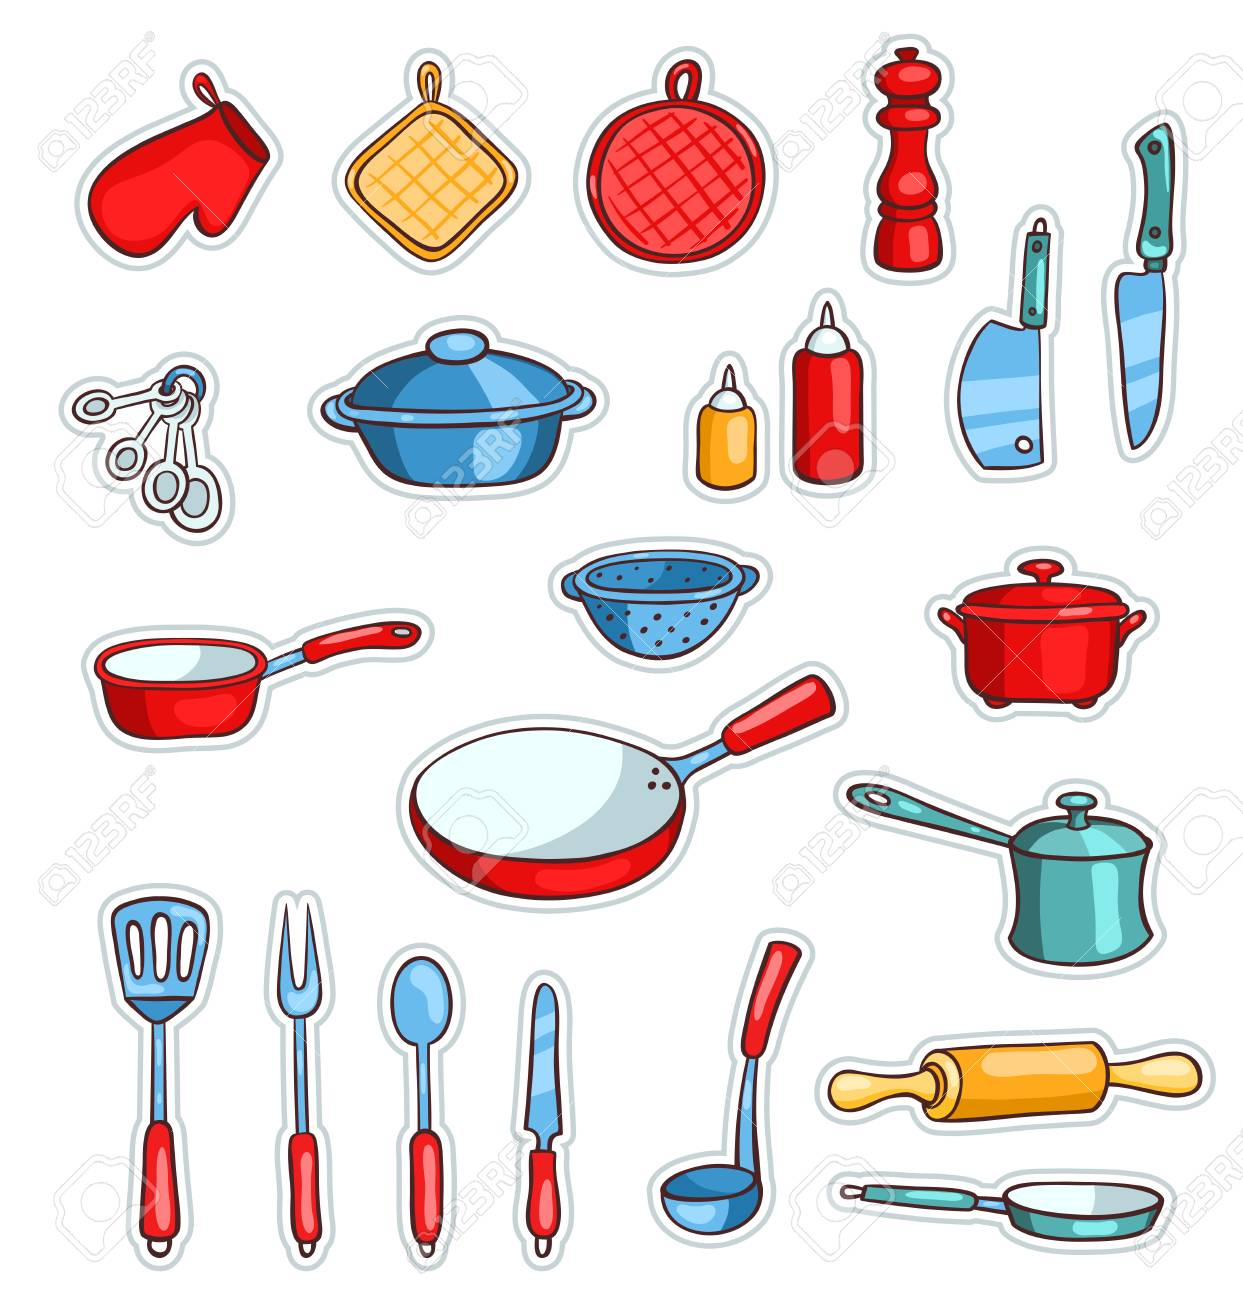 Conjunto De Utensilios De Cocina De Dibujos Animados Vector